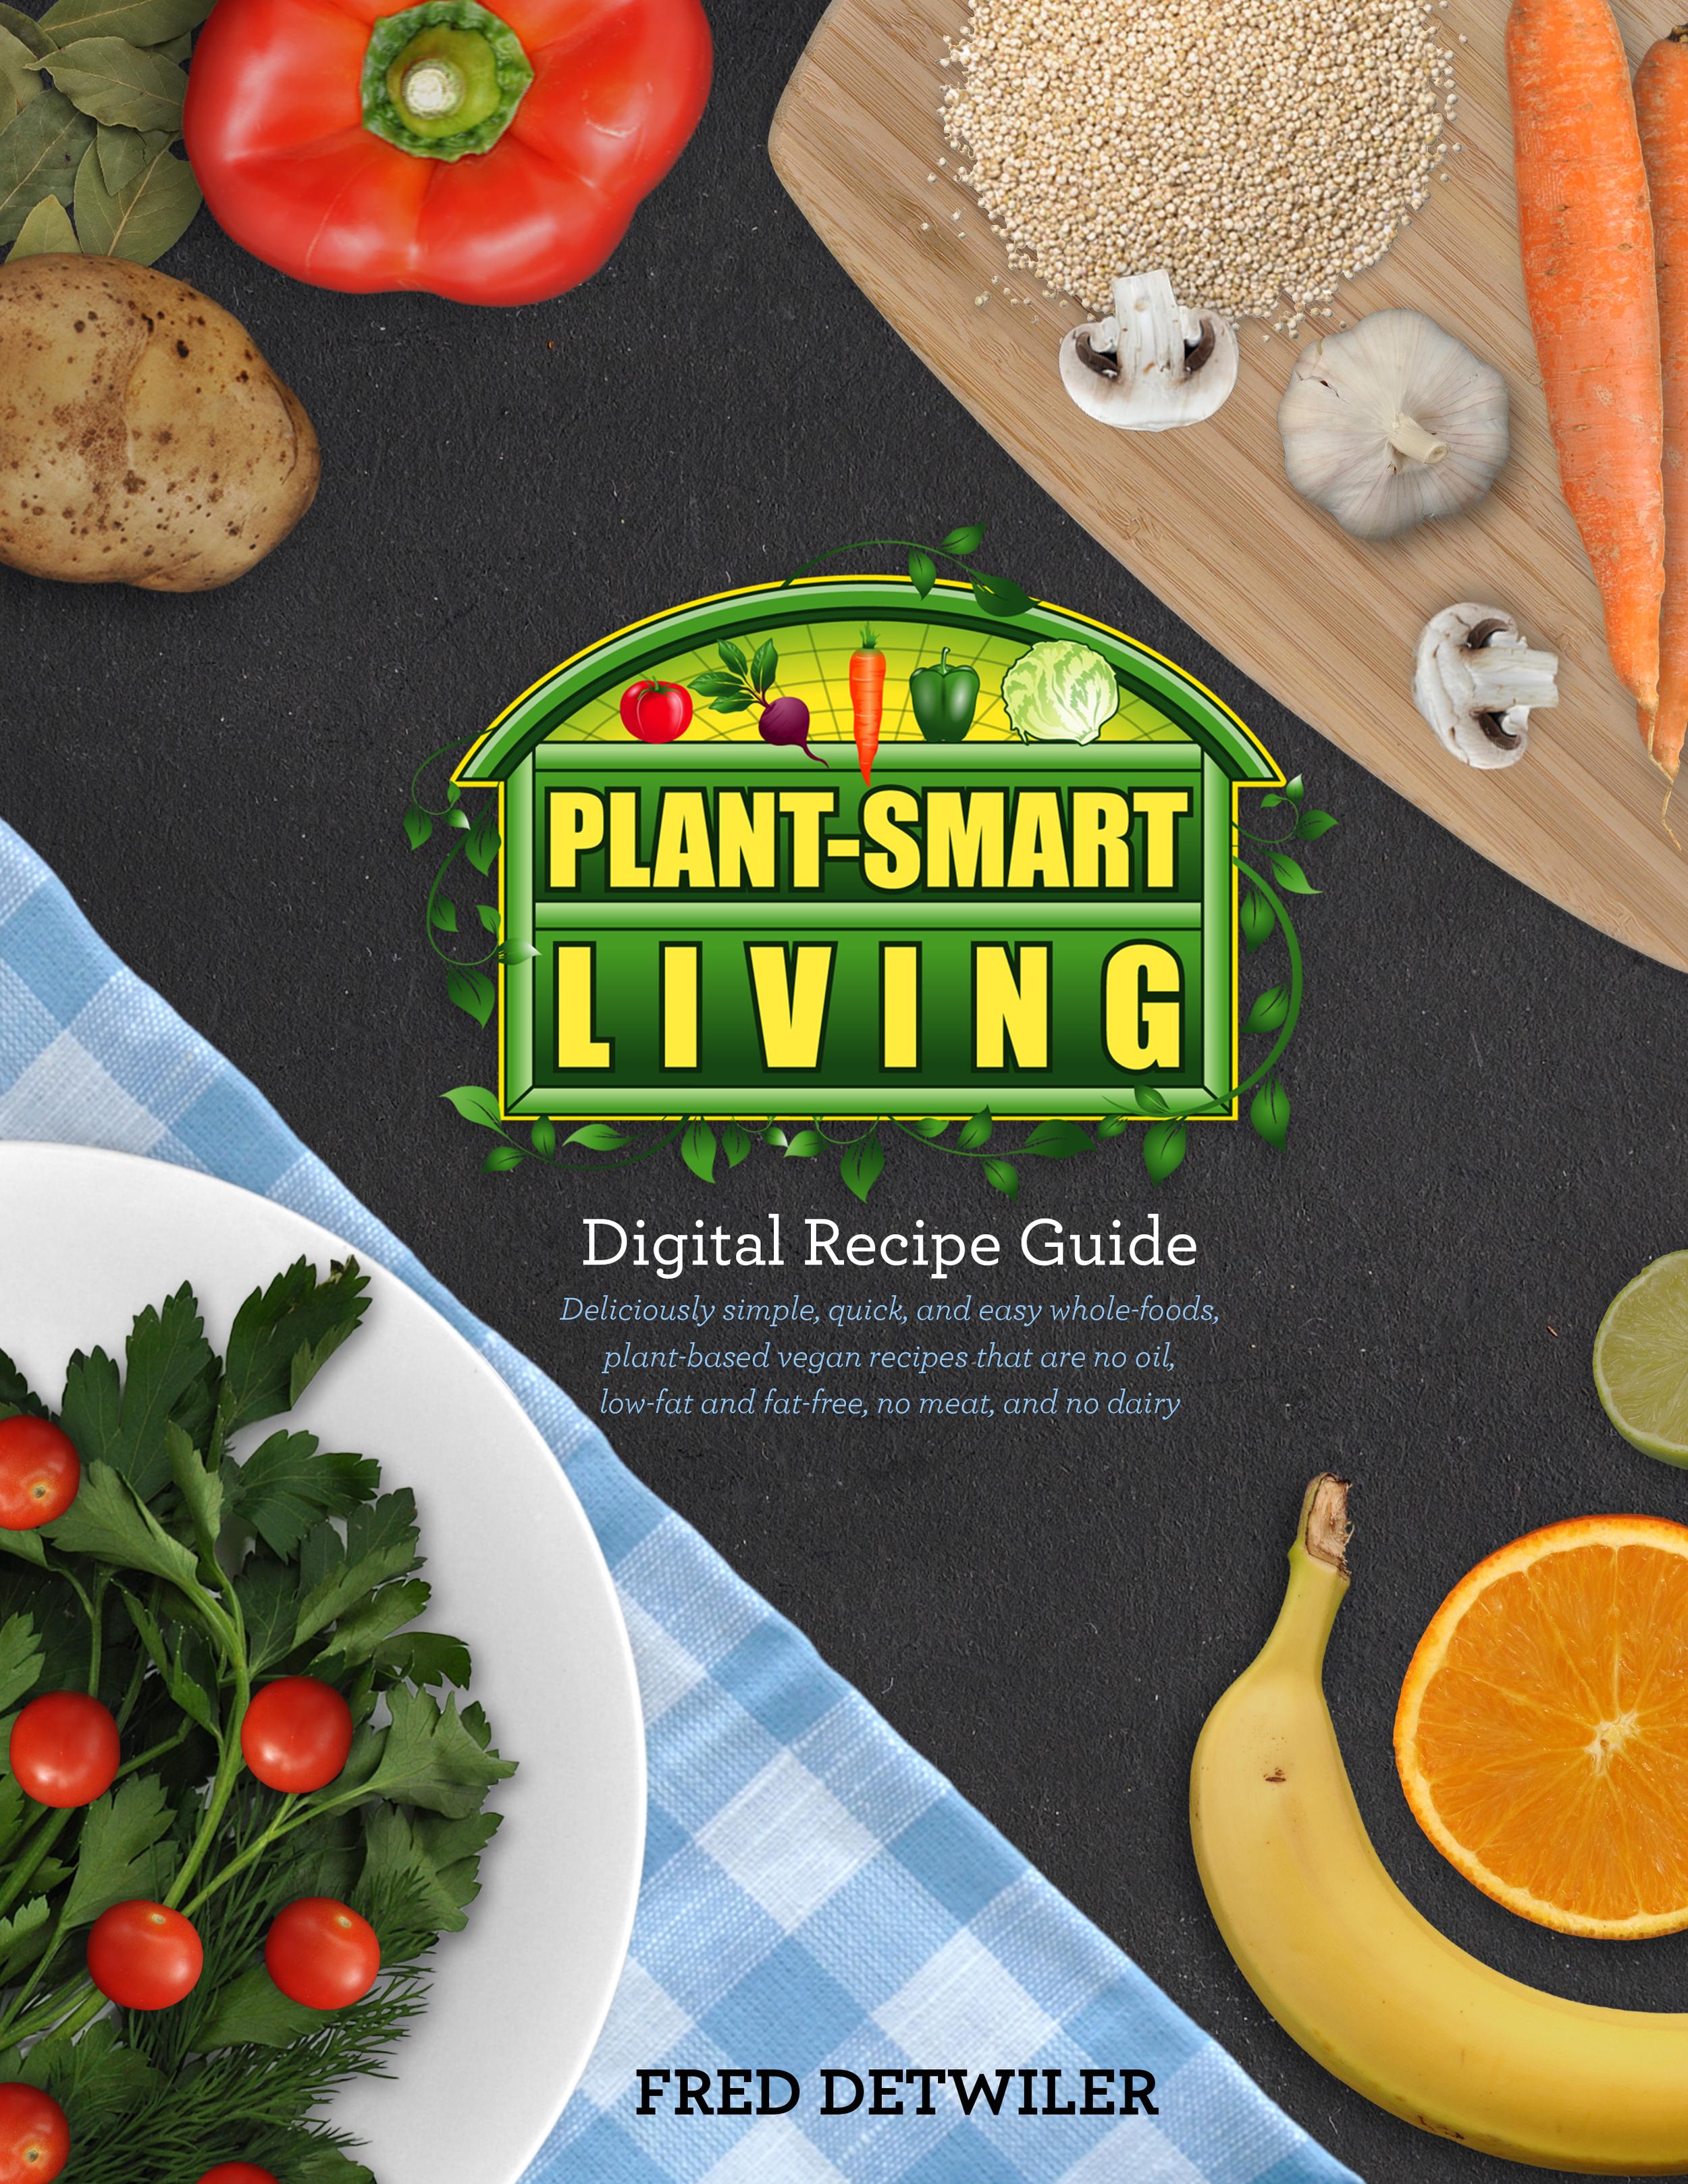 plant-smart-living-digital-recipe-guide-cover